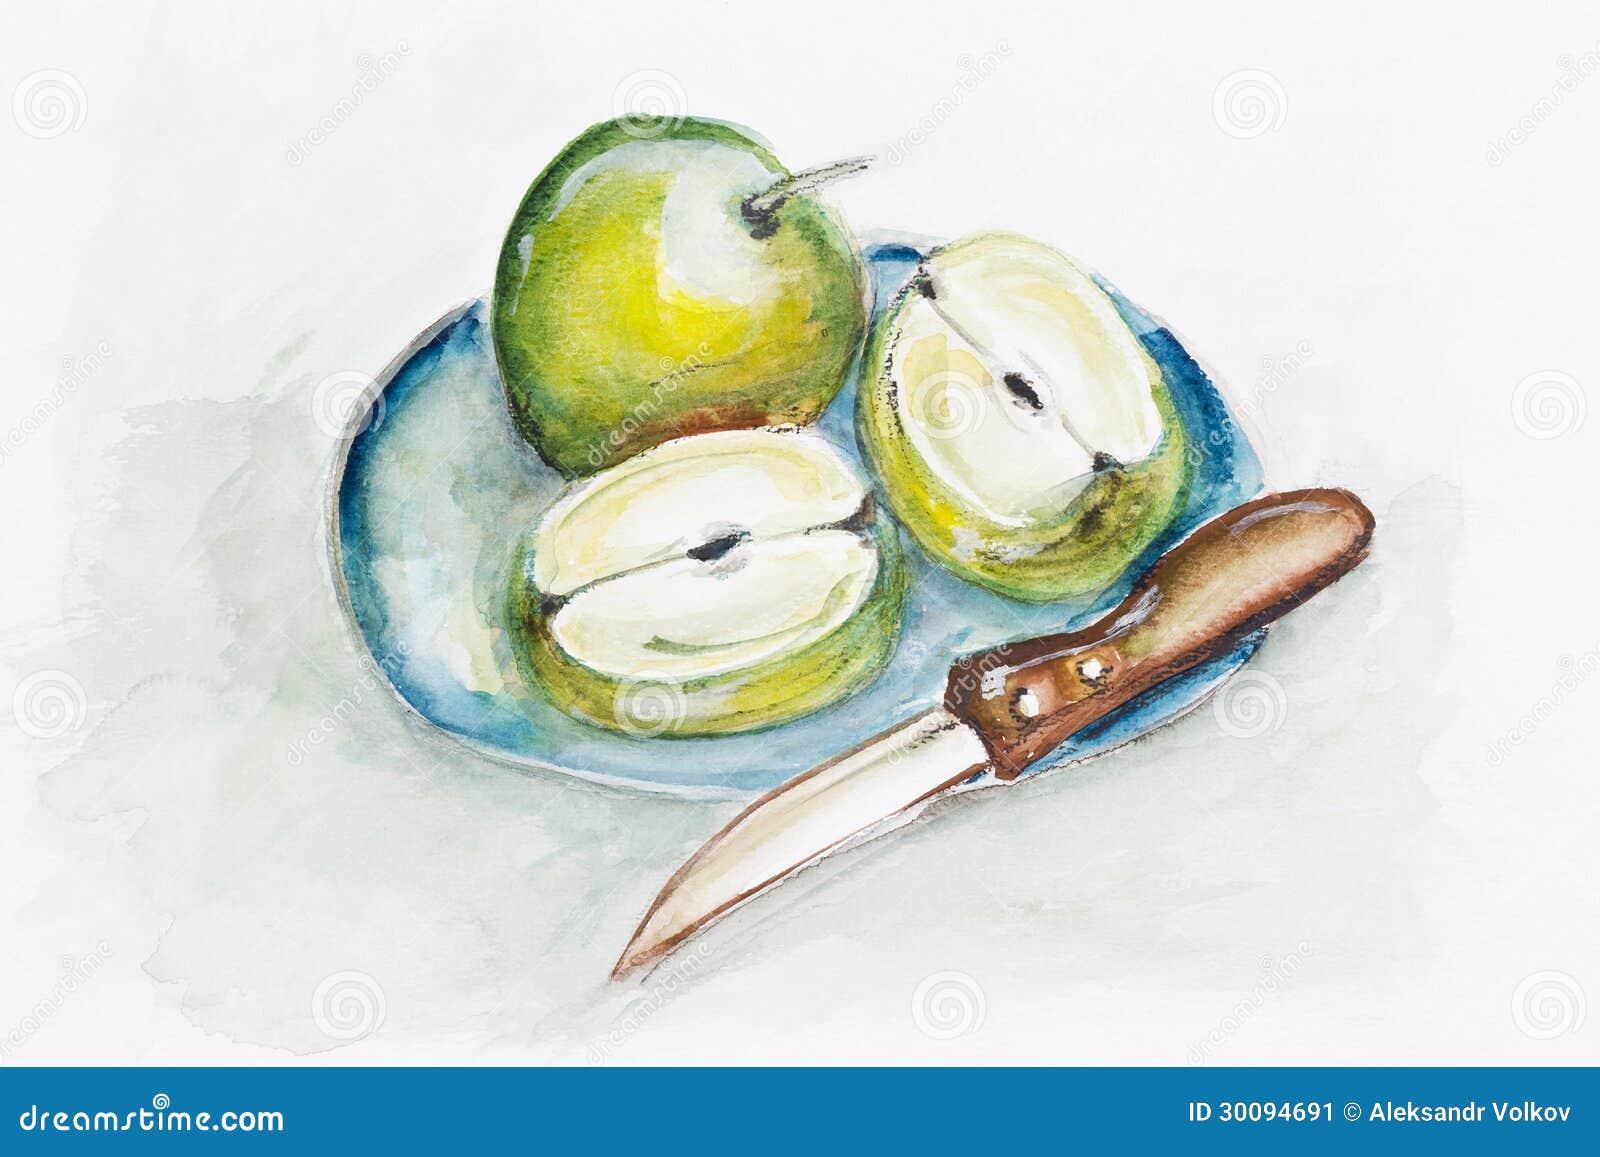 Зеленые яблоки и острый нож